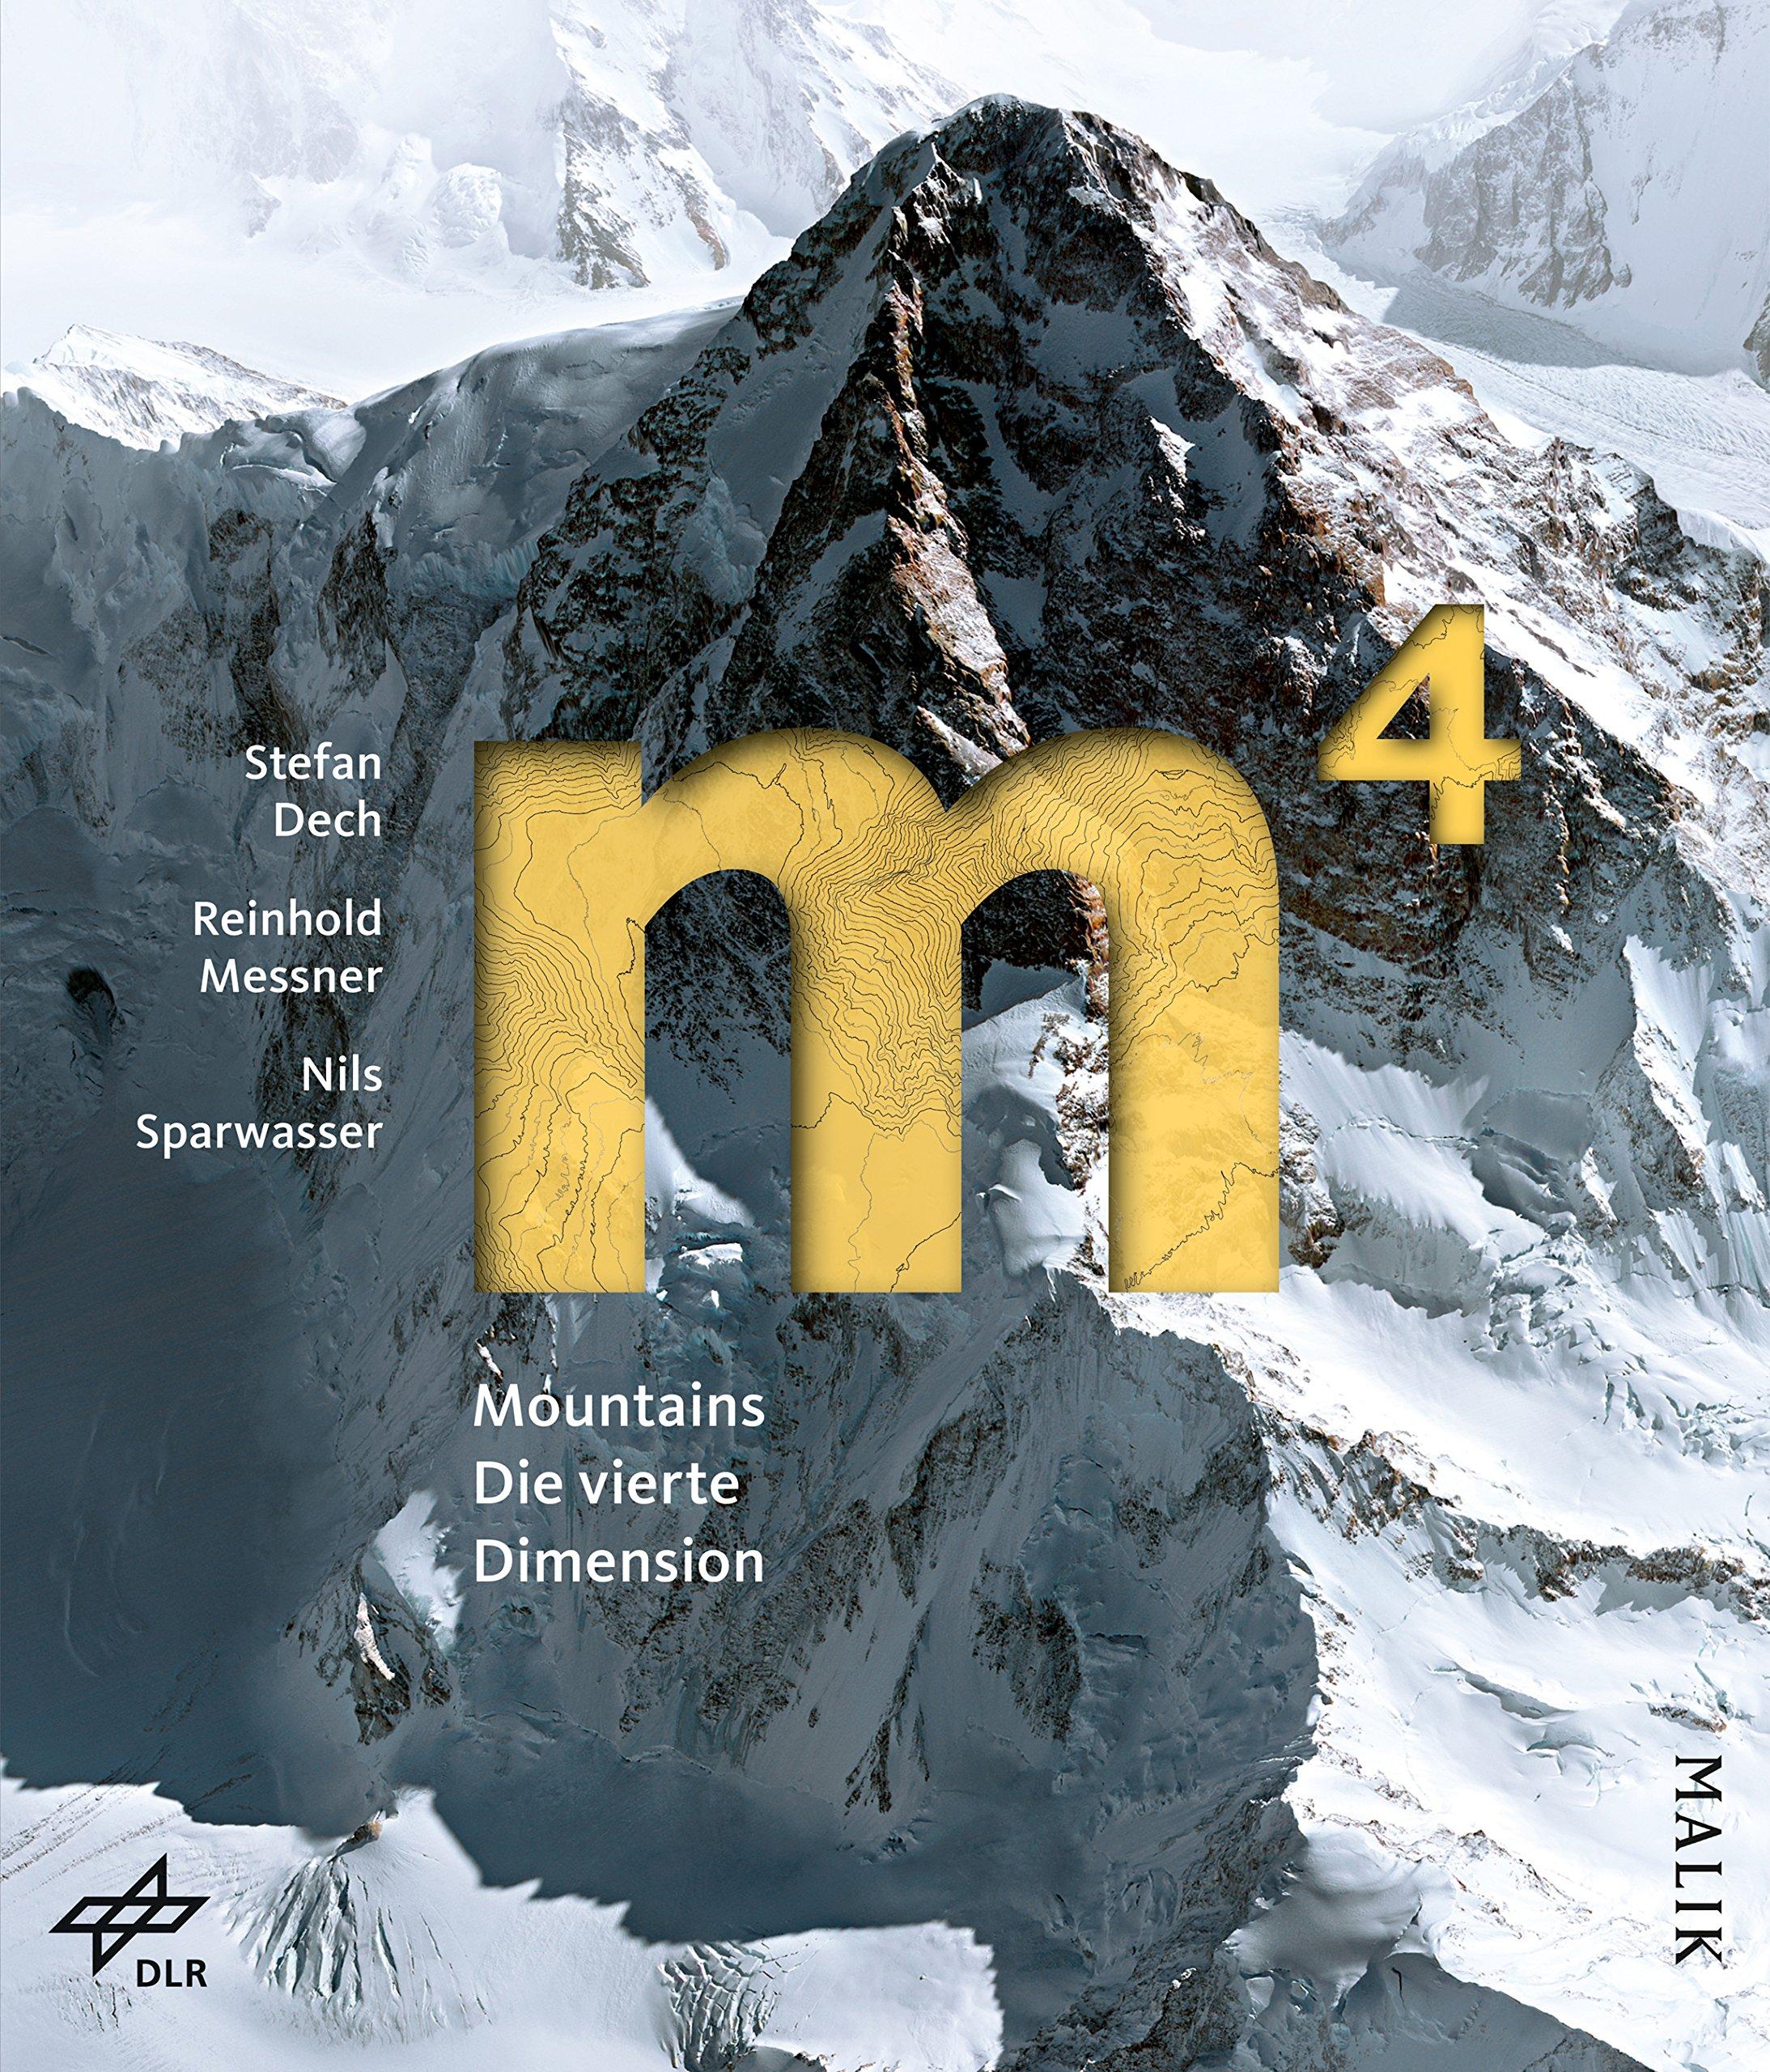 m4-mountains-die-vierte-dimension